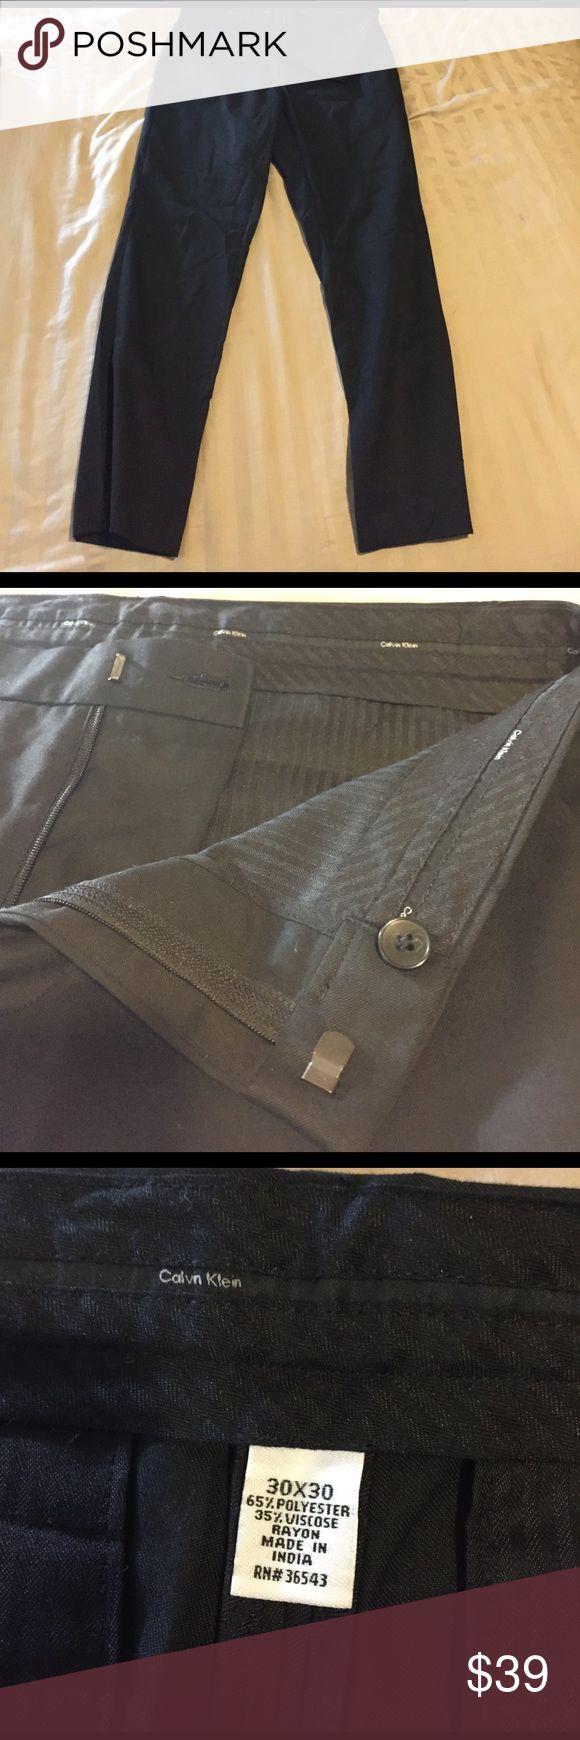 Calvin Klein Slim fit black dress pants Black Calvin Klein slim fit dress pants like new barely worn, size men's 30x30 Calvin Klein Pants Dress